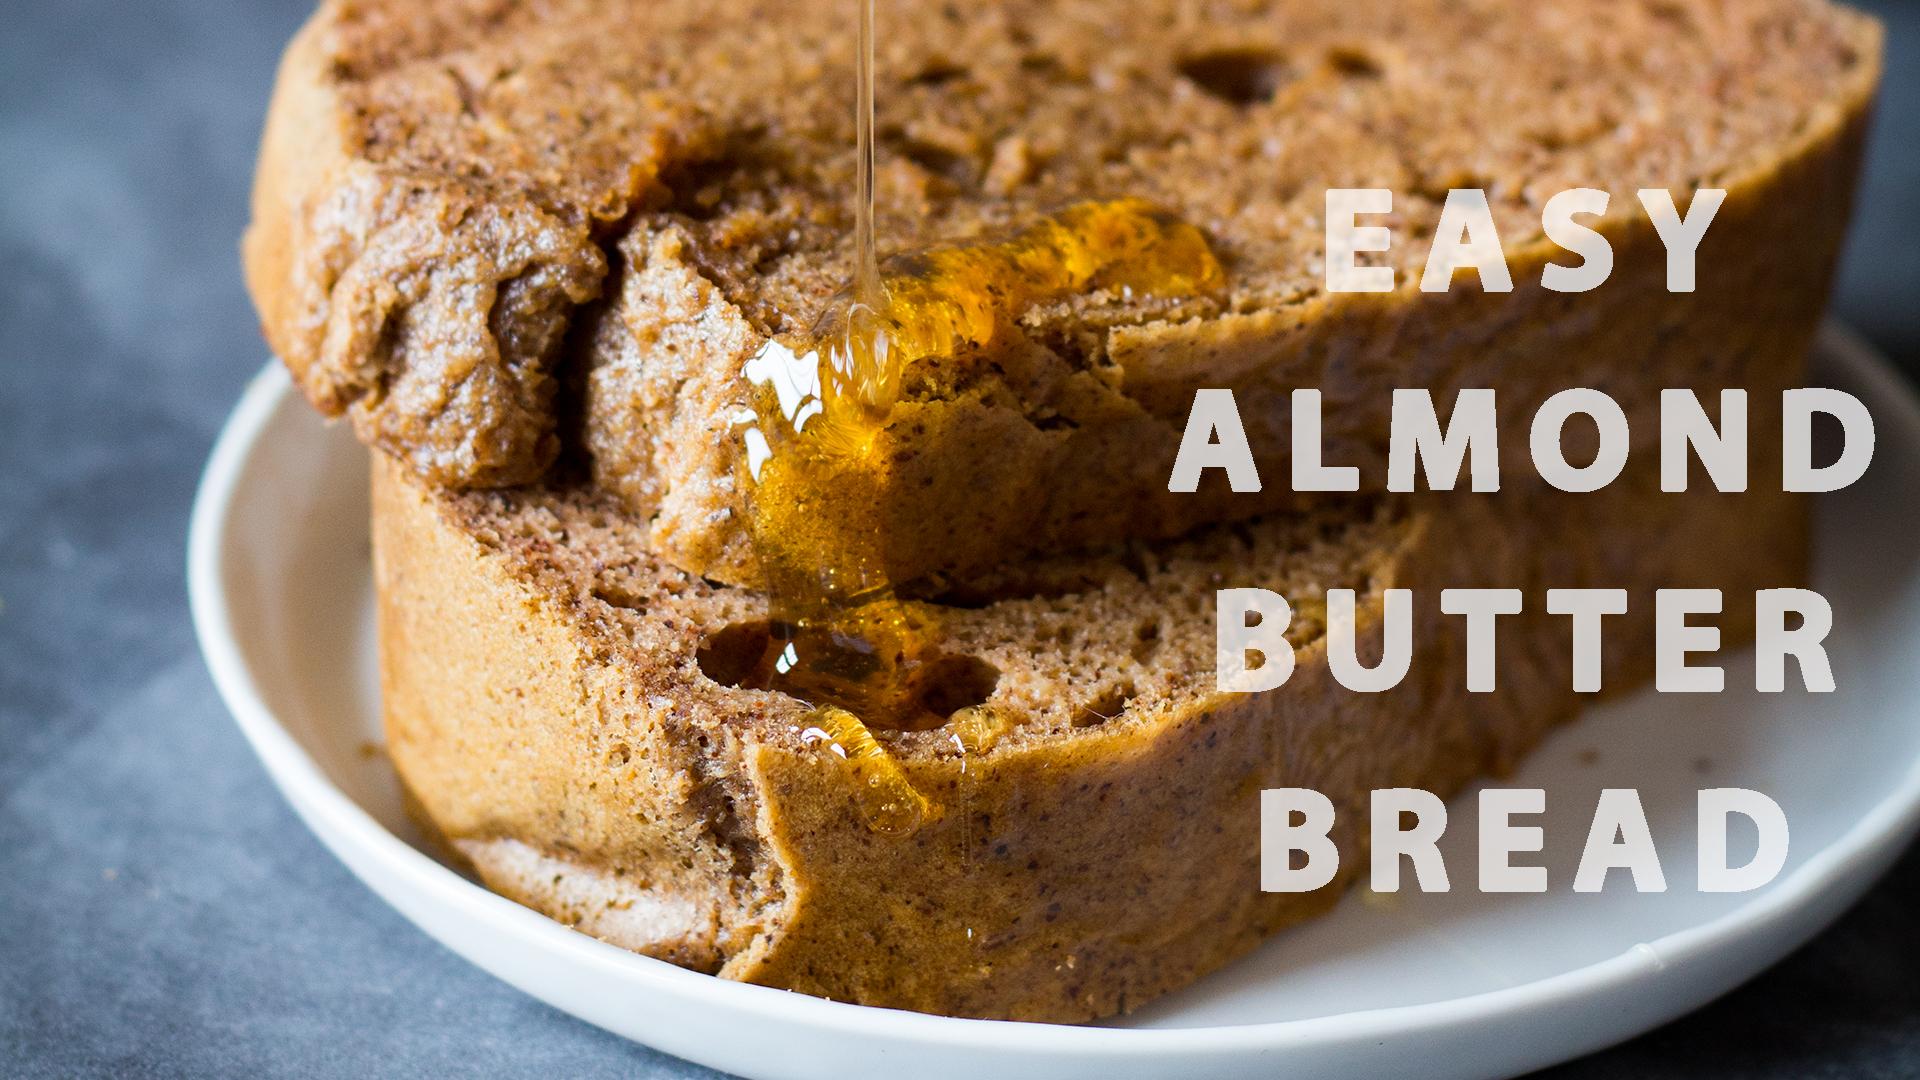 Easy Almond Butter Bread